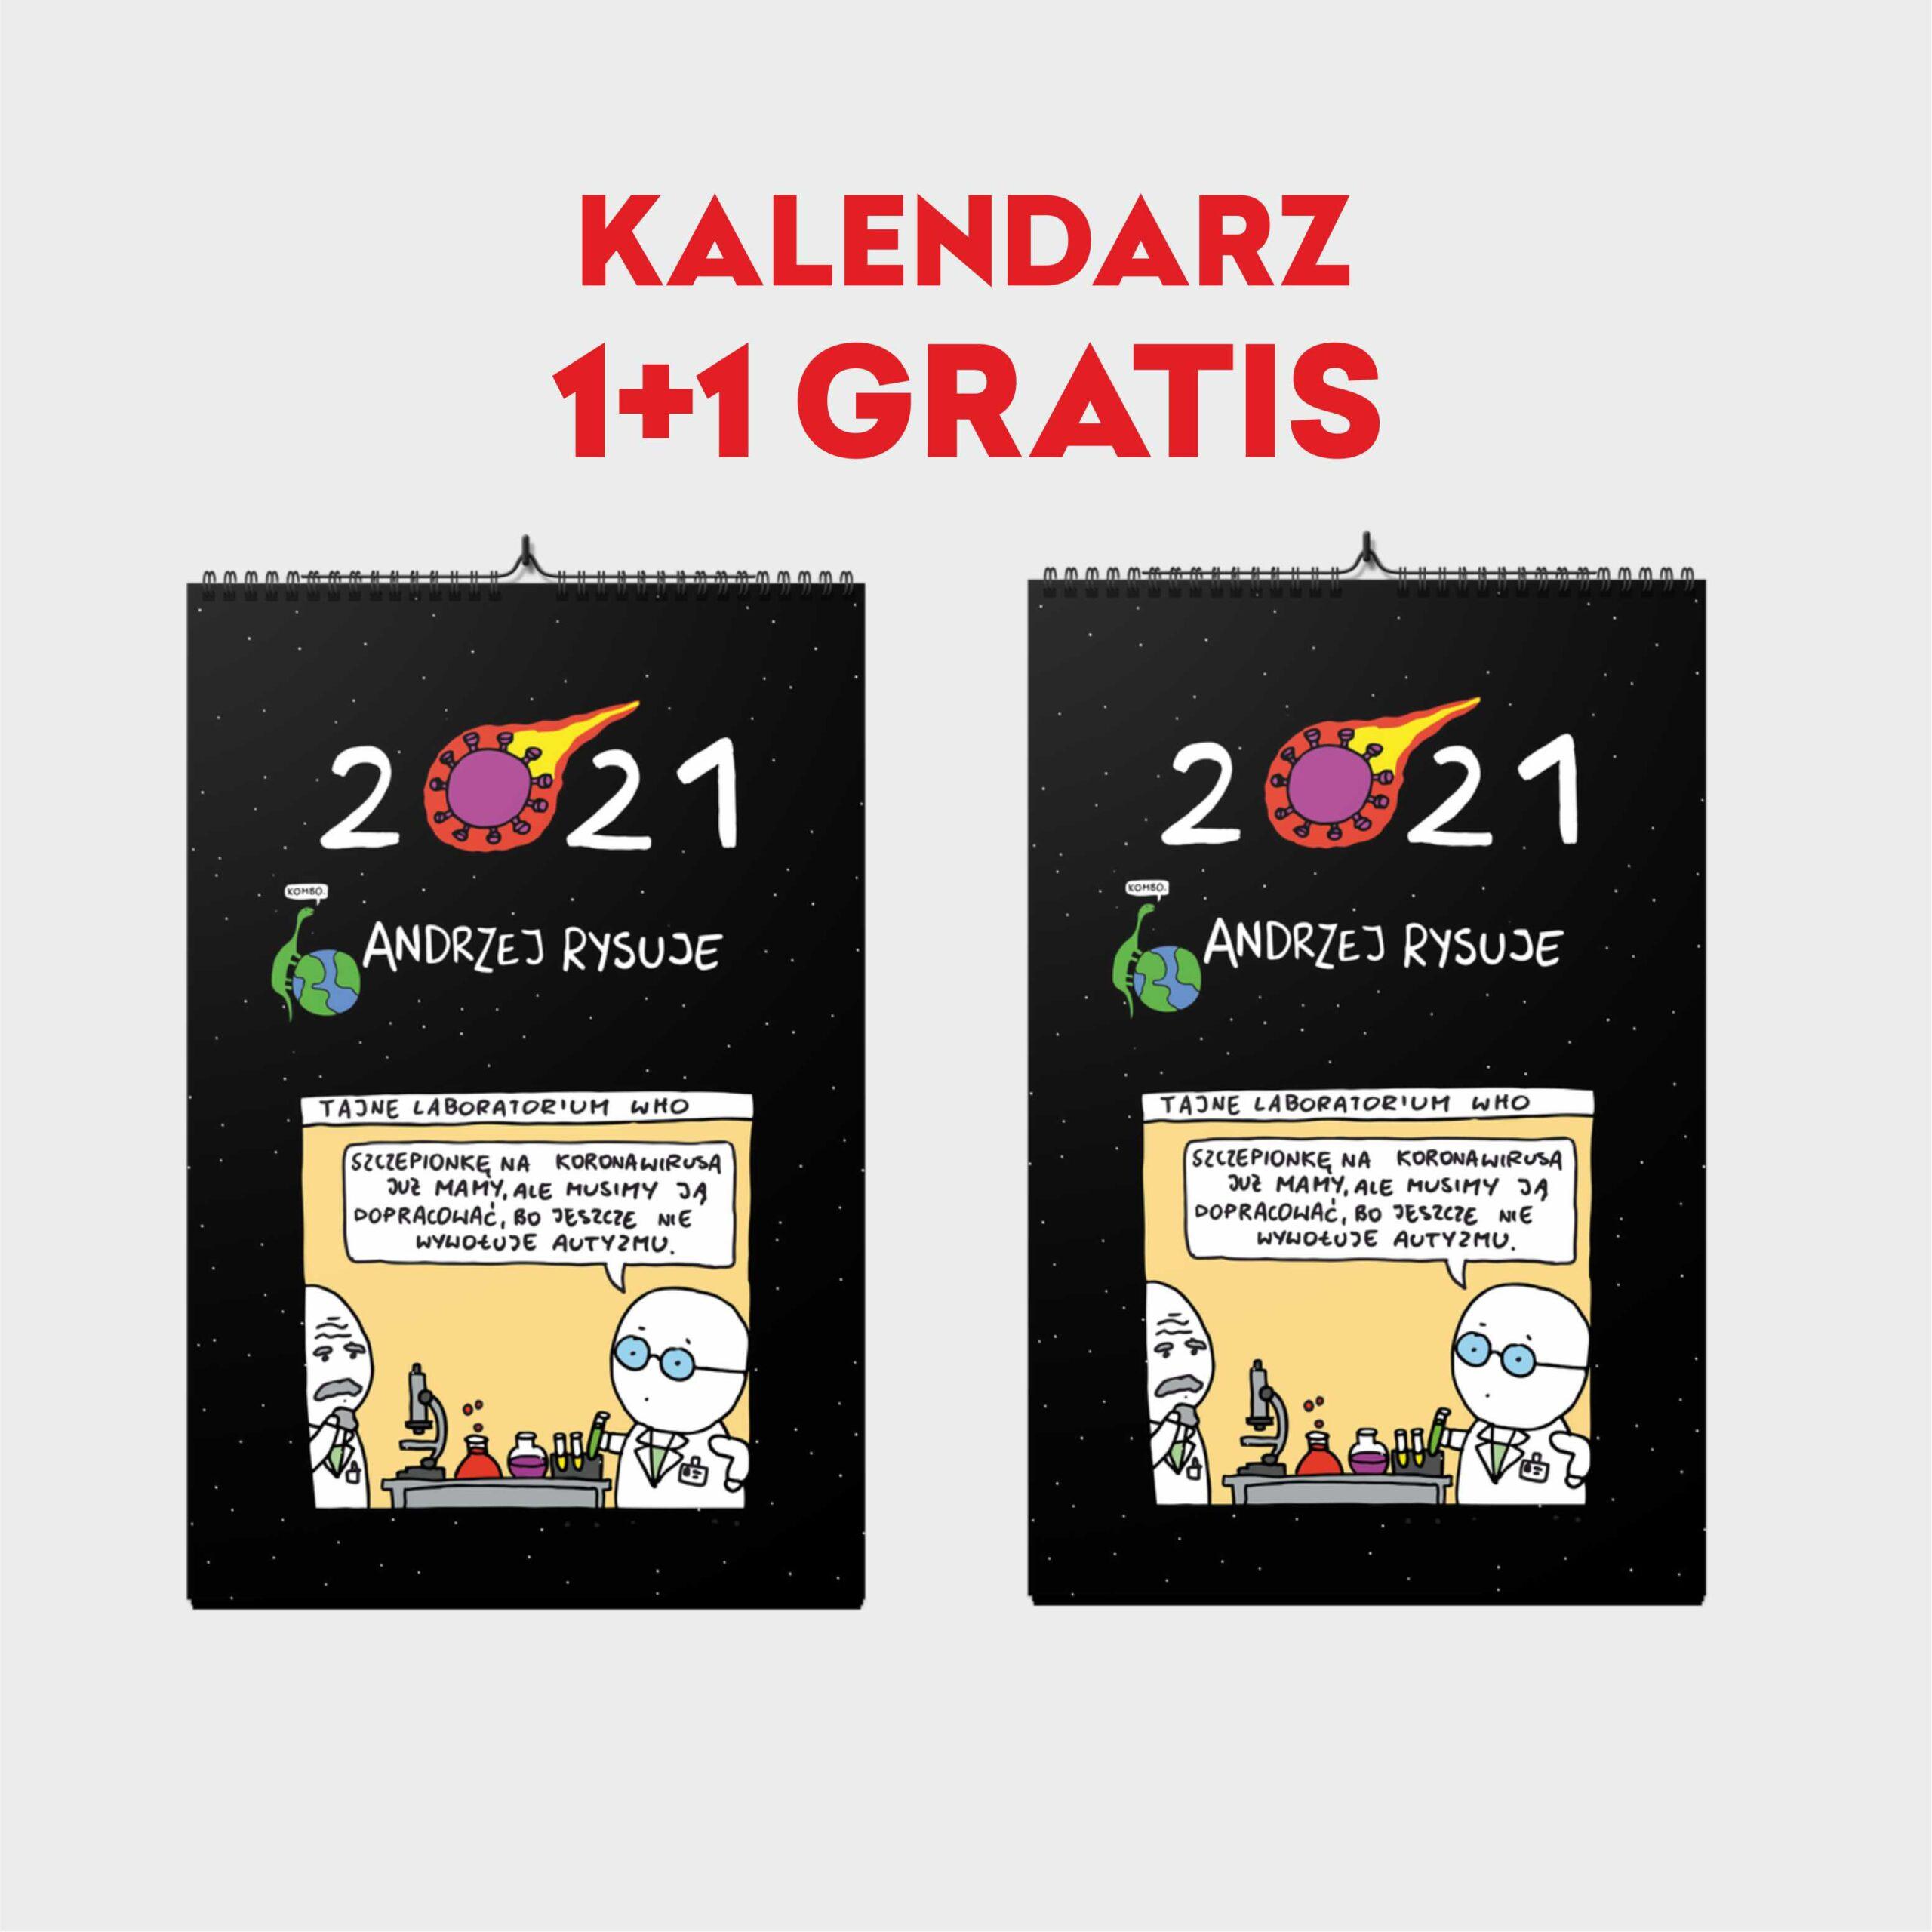 1+1 gratis Kalendarz Andrzej Rysuje 2021